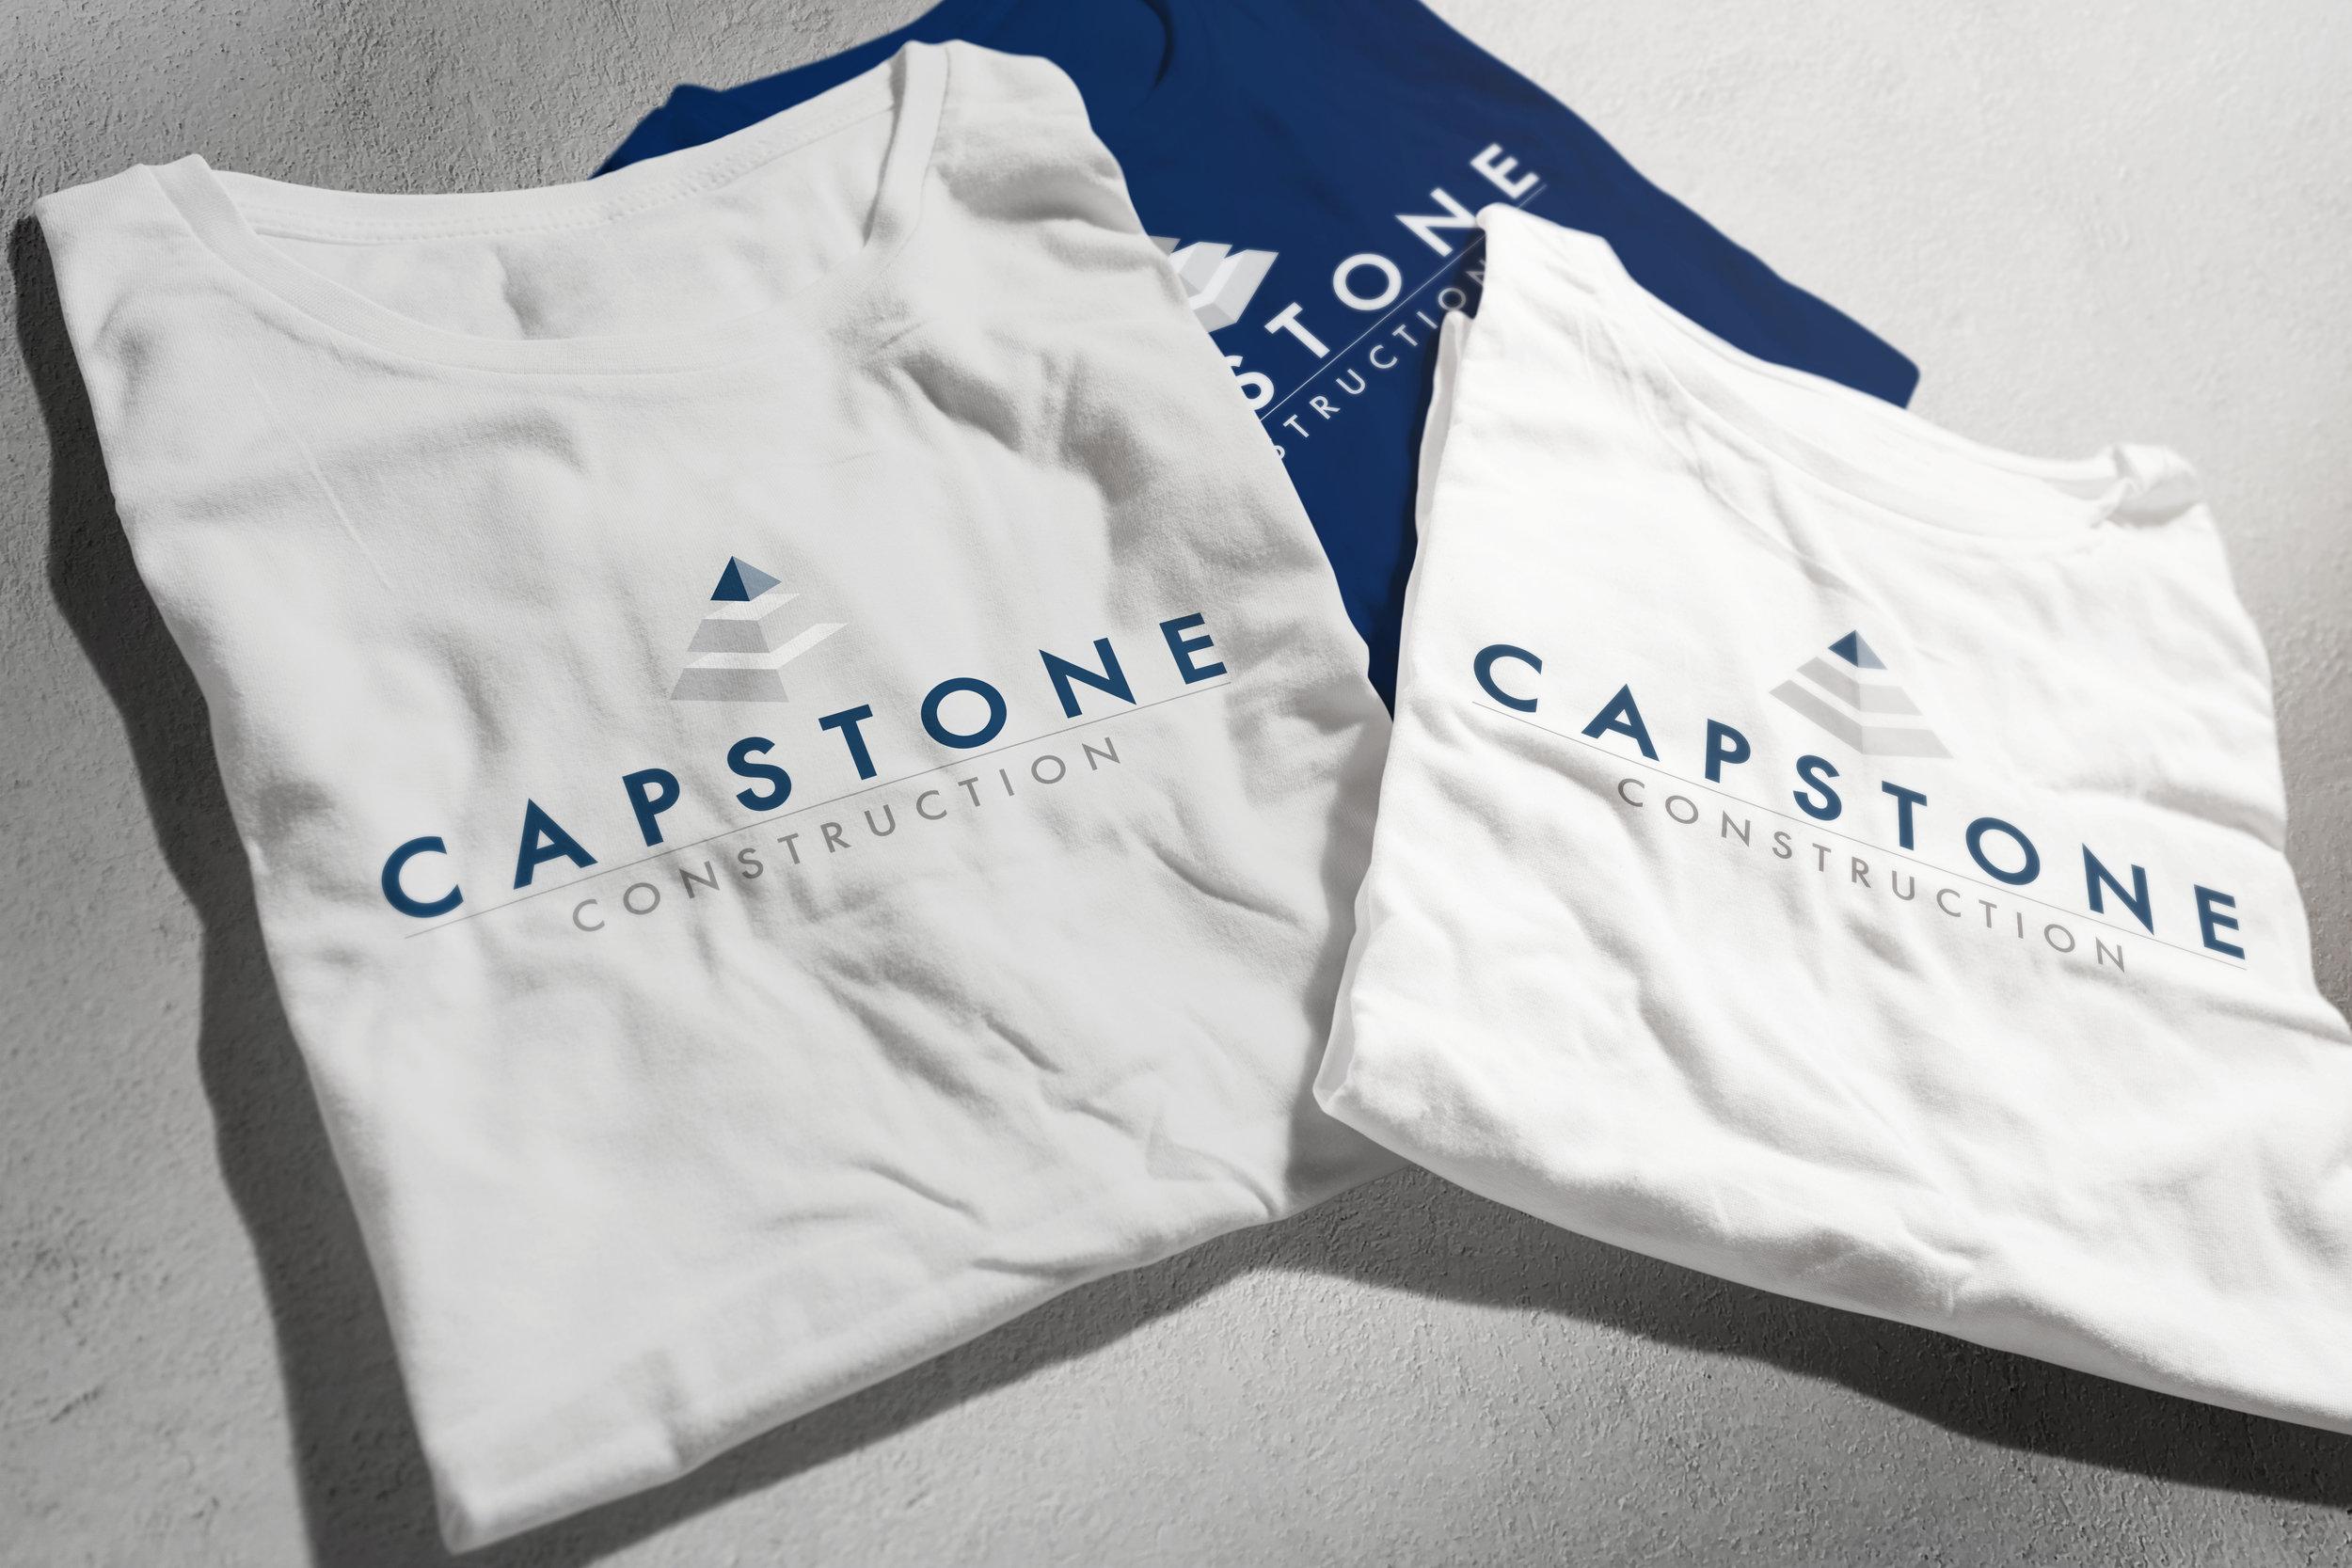 T-shirt Capstone